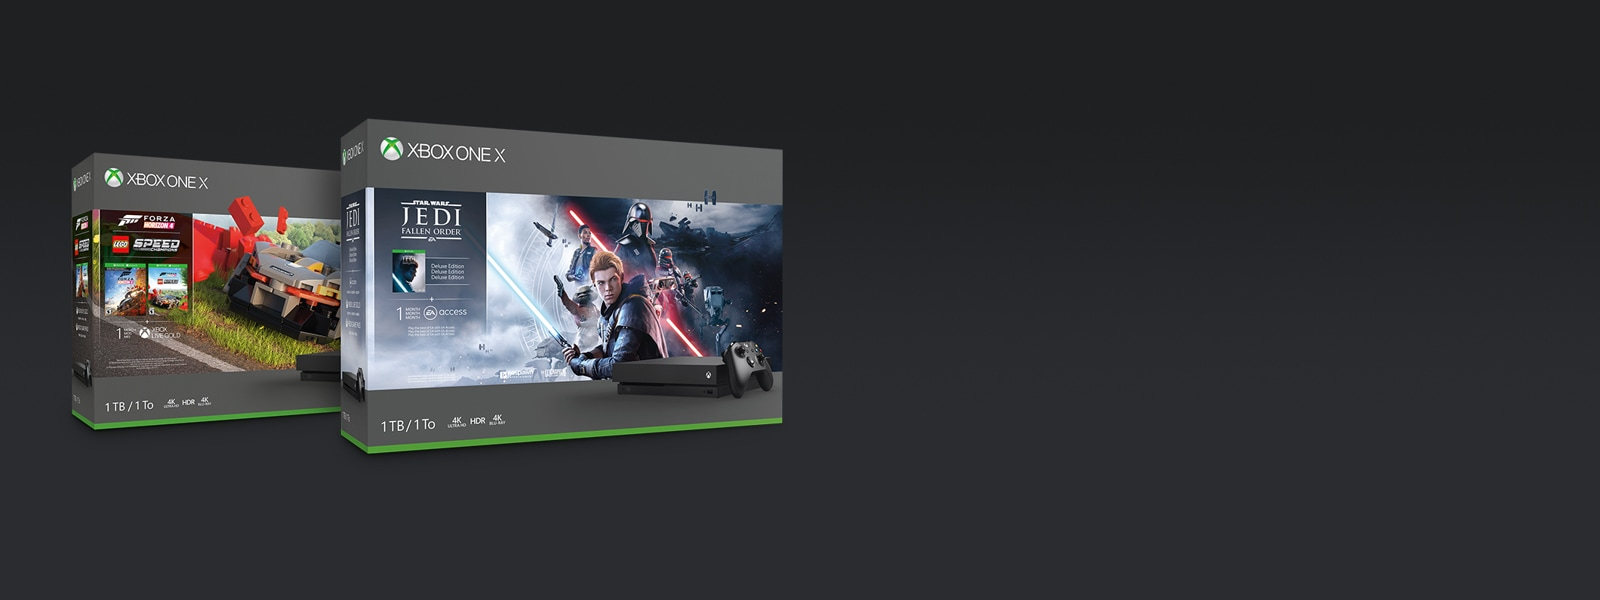 Xbox One X Bundles